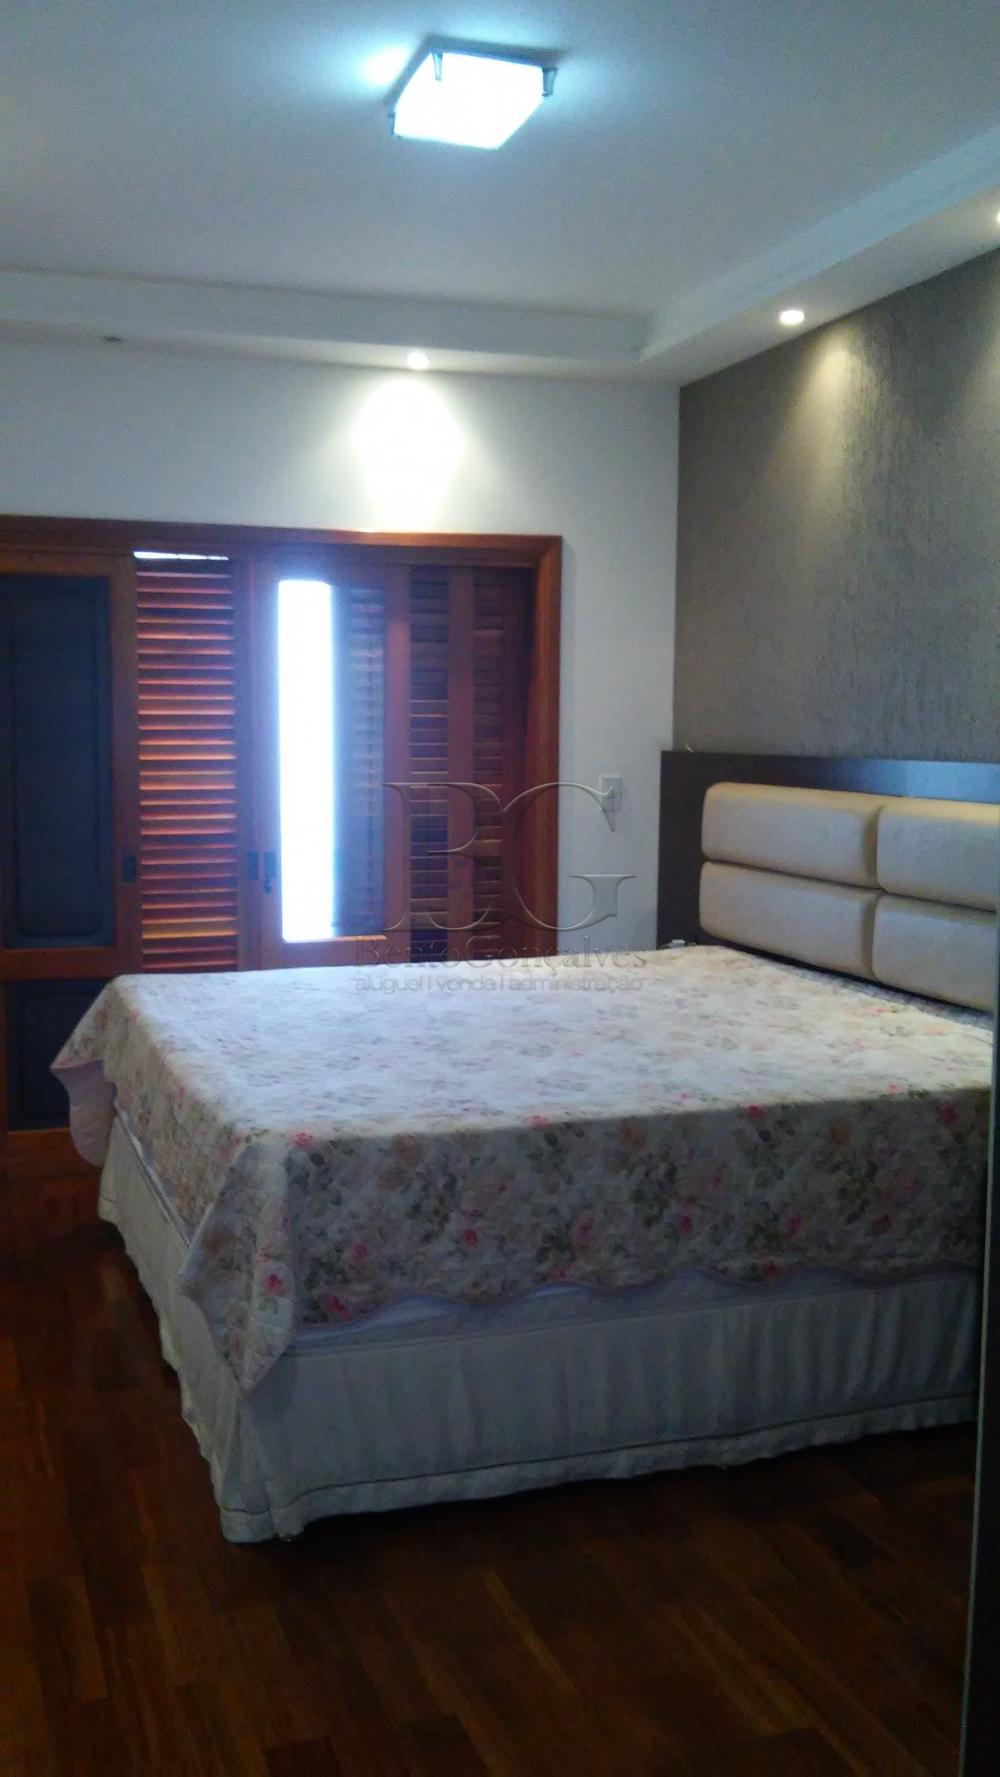 Comprar Casas / Padrão em Poços de Caldas apenas R$ 1.200.000,00 - Foto 20